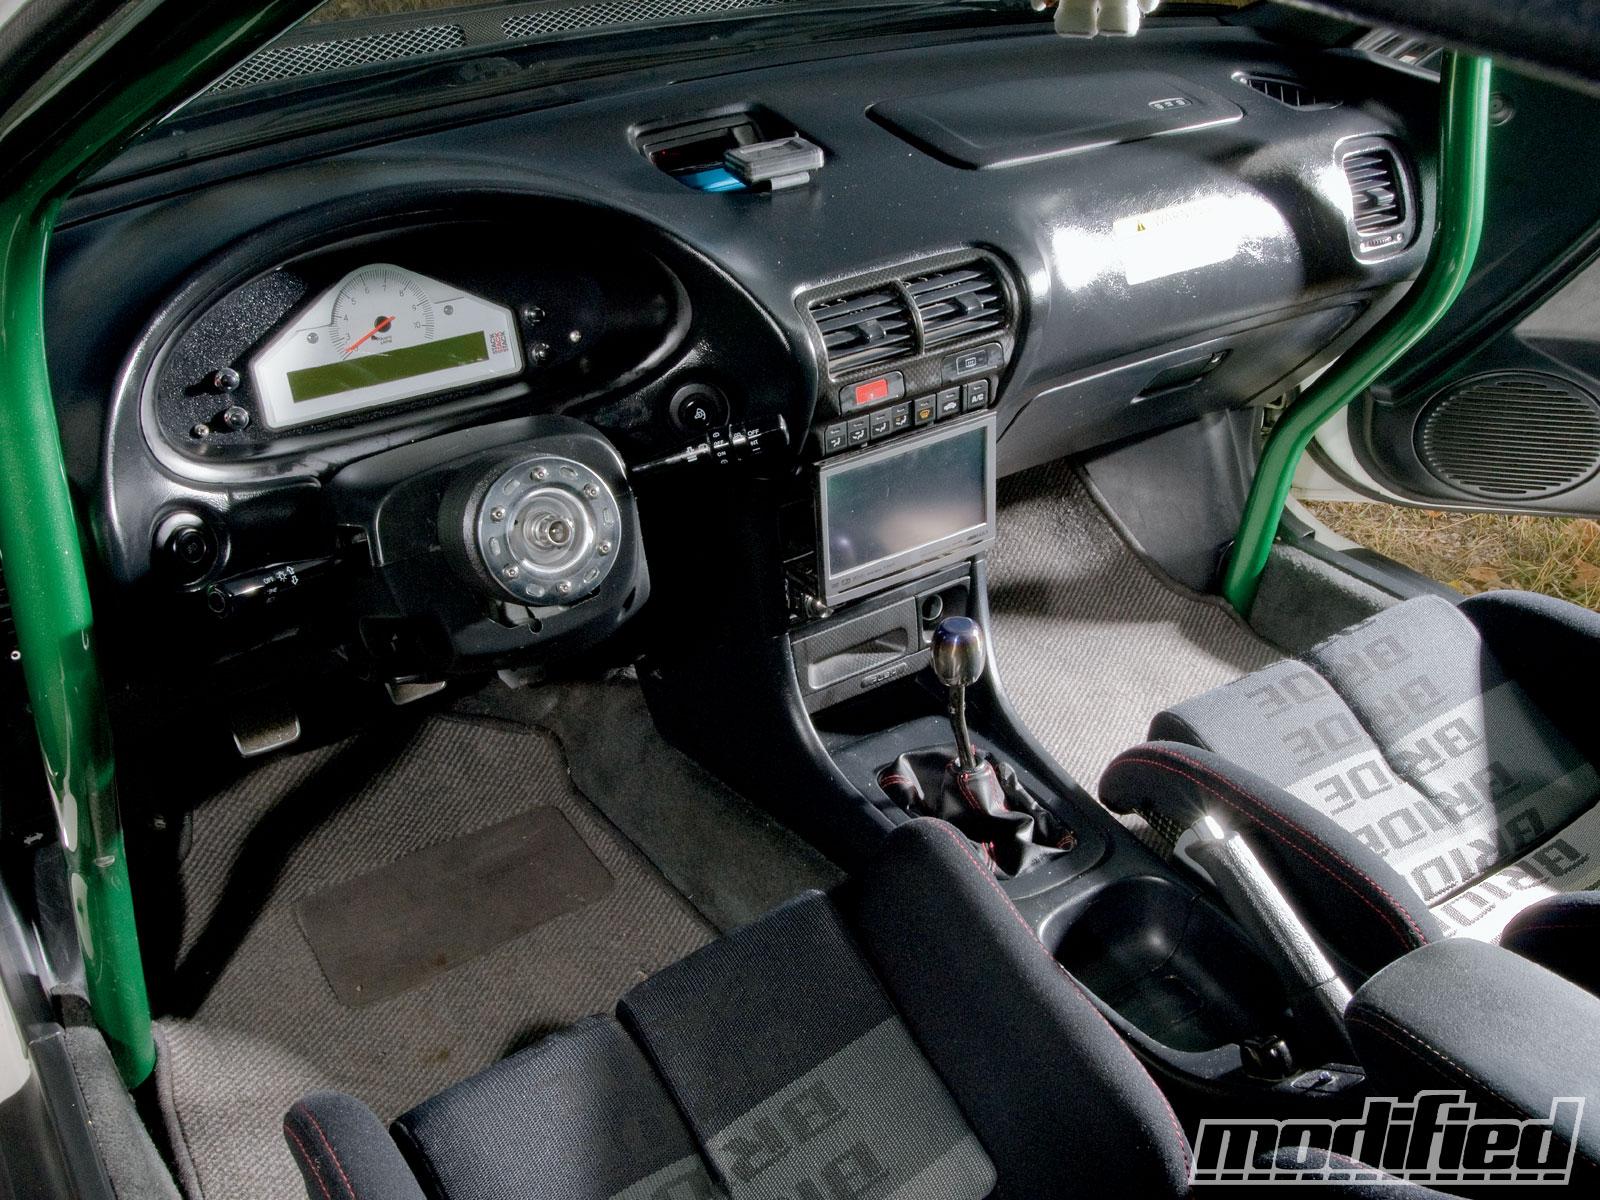 1998 Acura Integra Type R Darren Law Modified Magazine